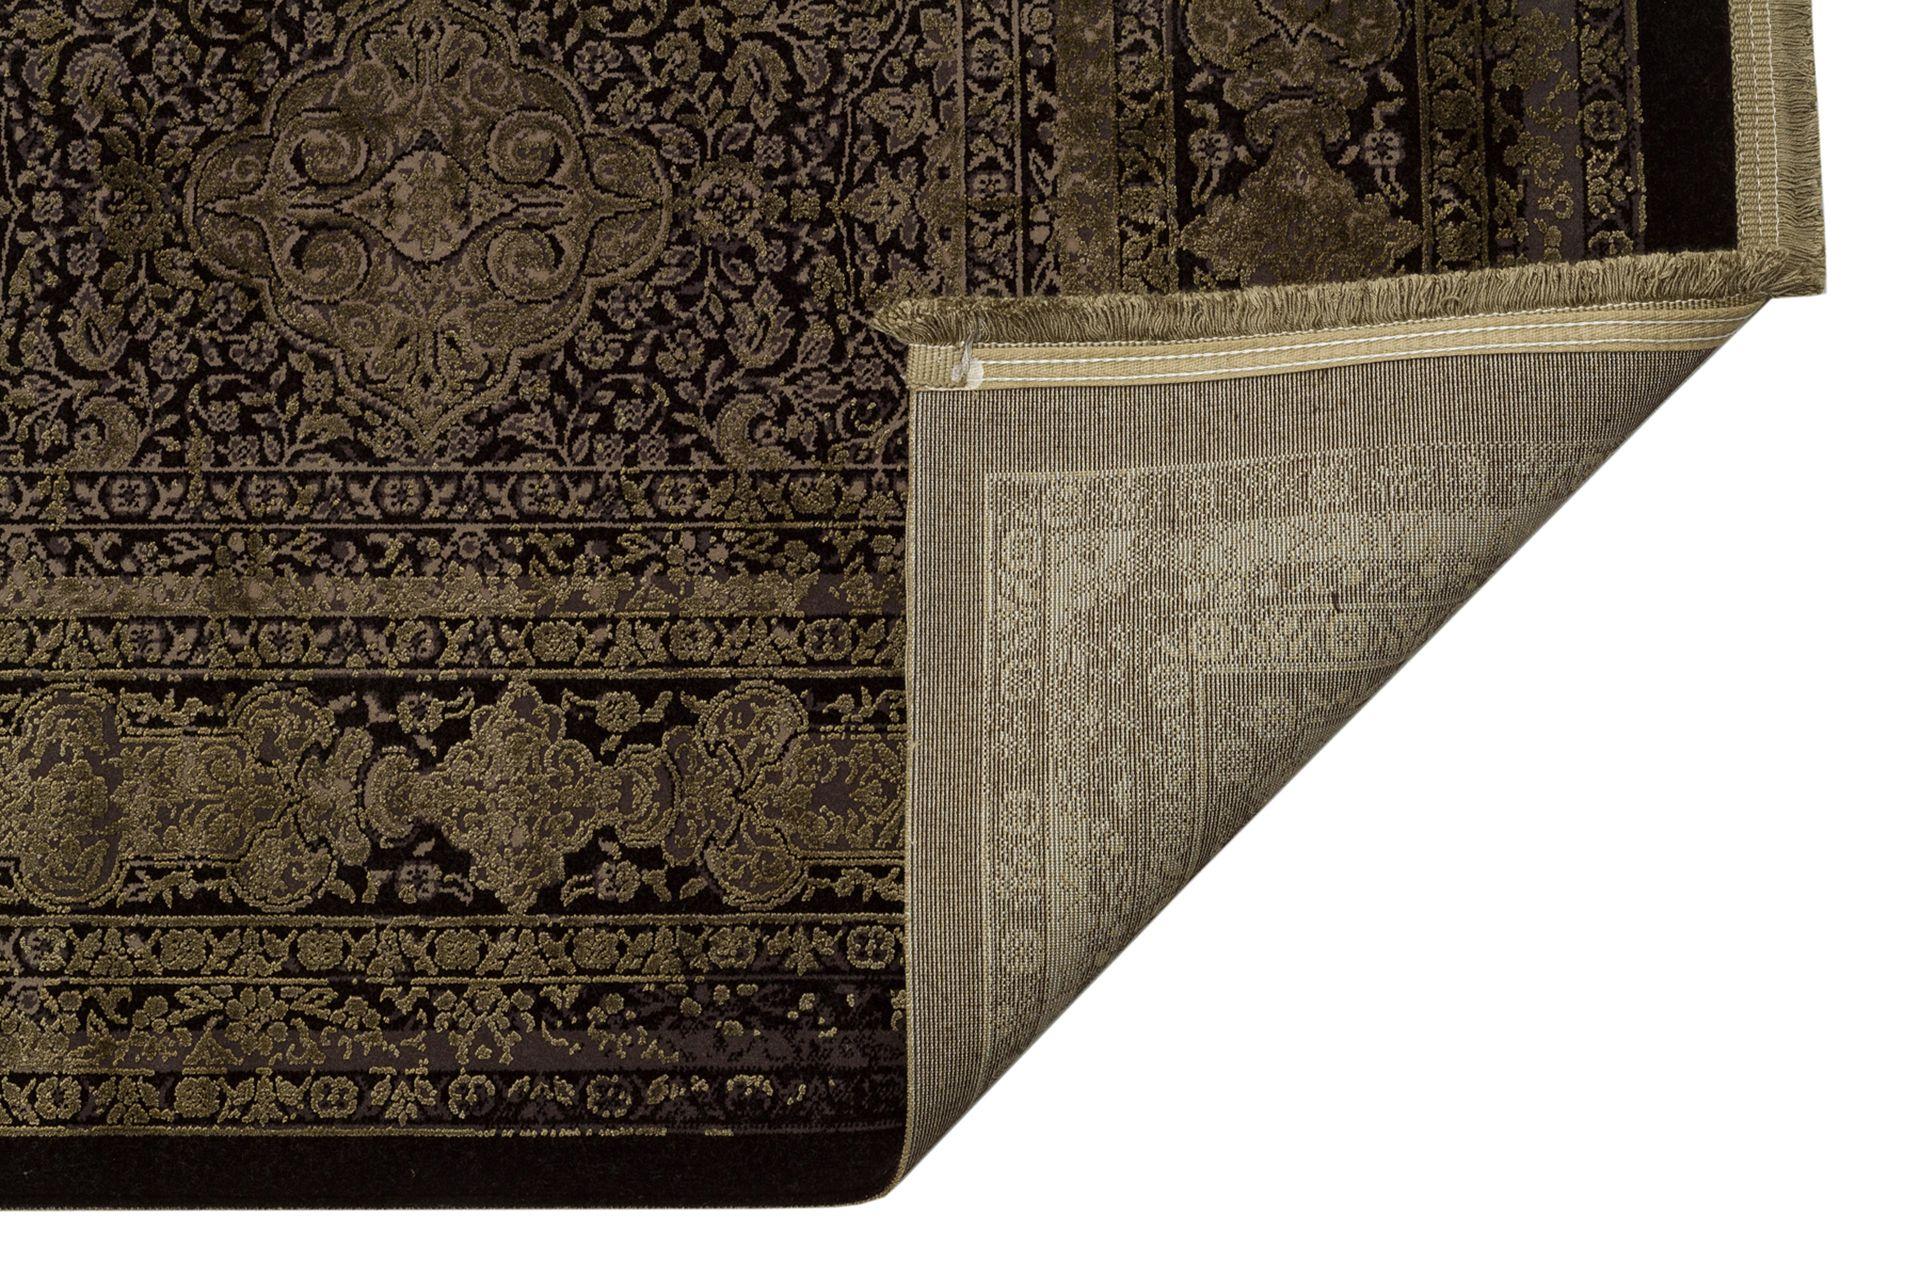 ANADOLU AD 02 ANTRASİT YEŞİL KLASİK DESENLİ SALON HALISI 130x190